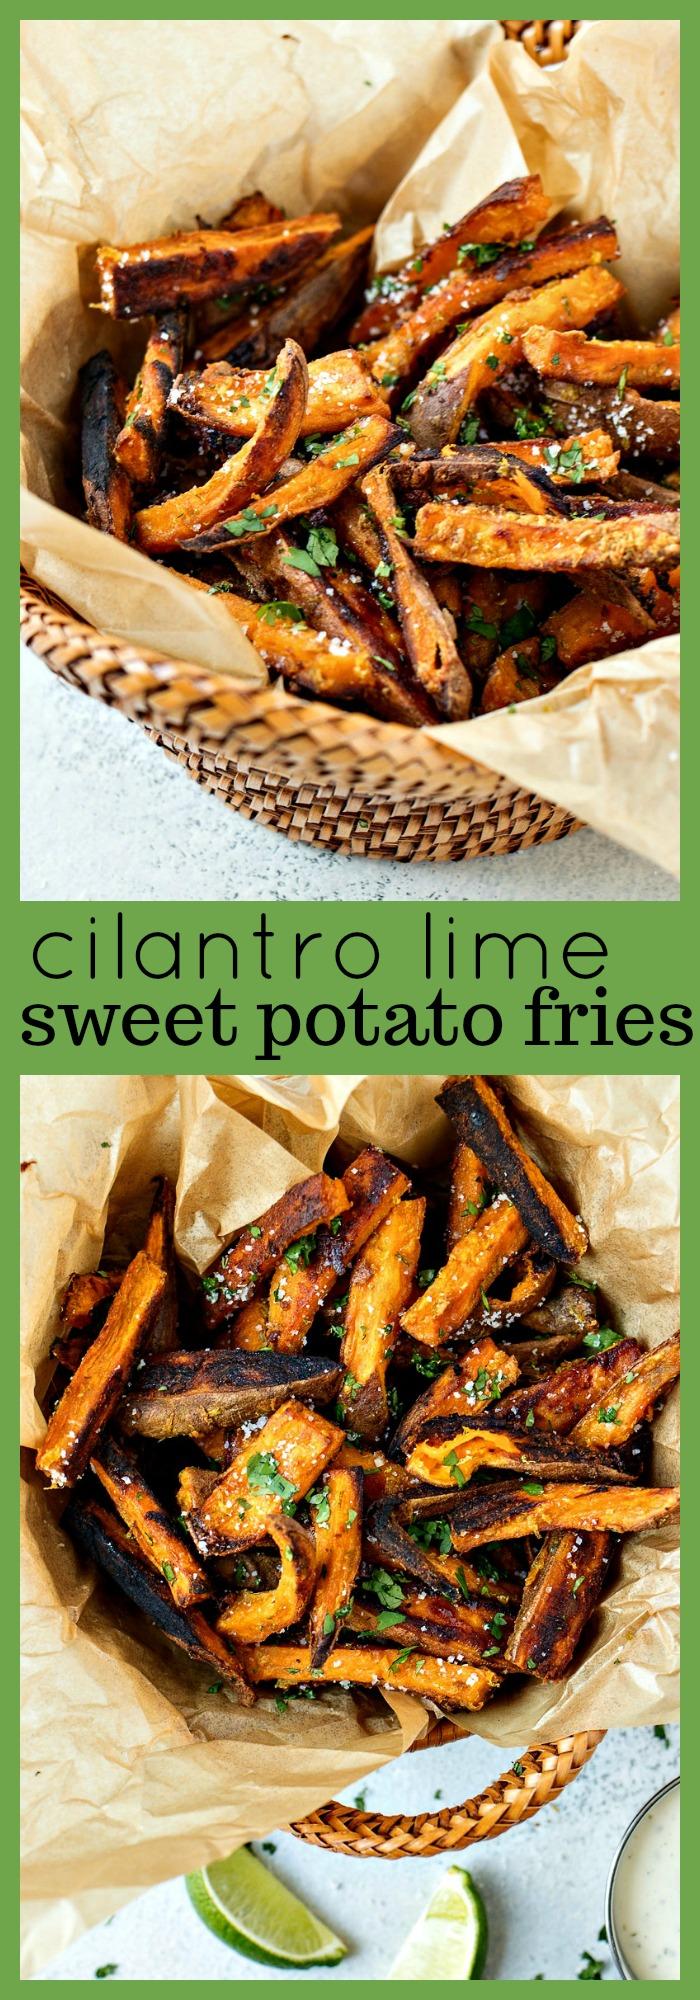 Cilantro Lime Sweet Potato Fries photo collage